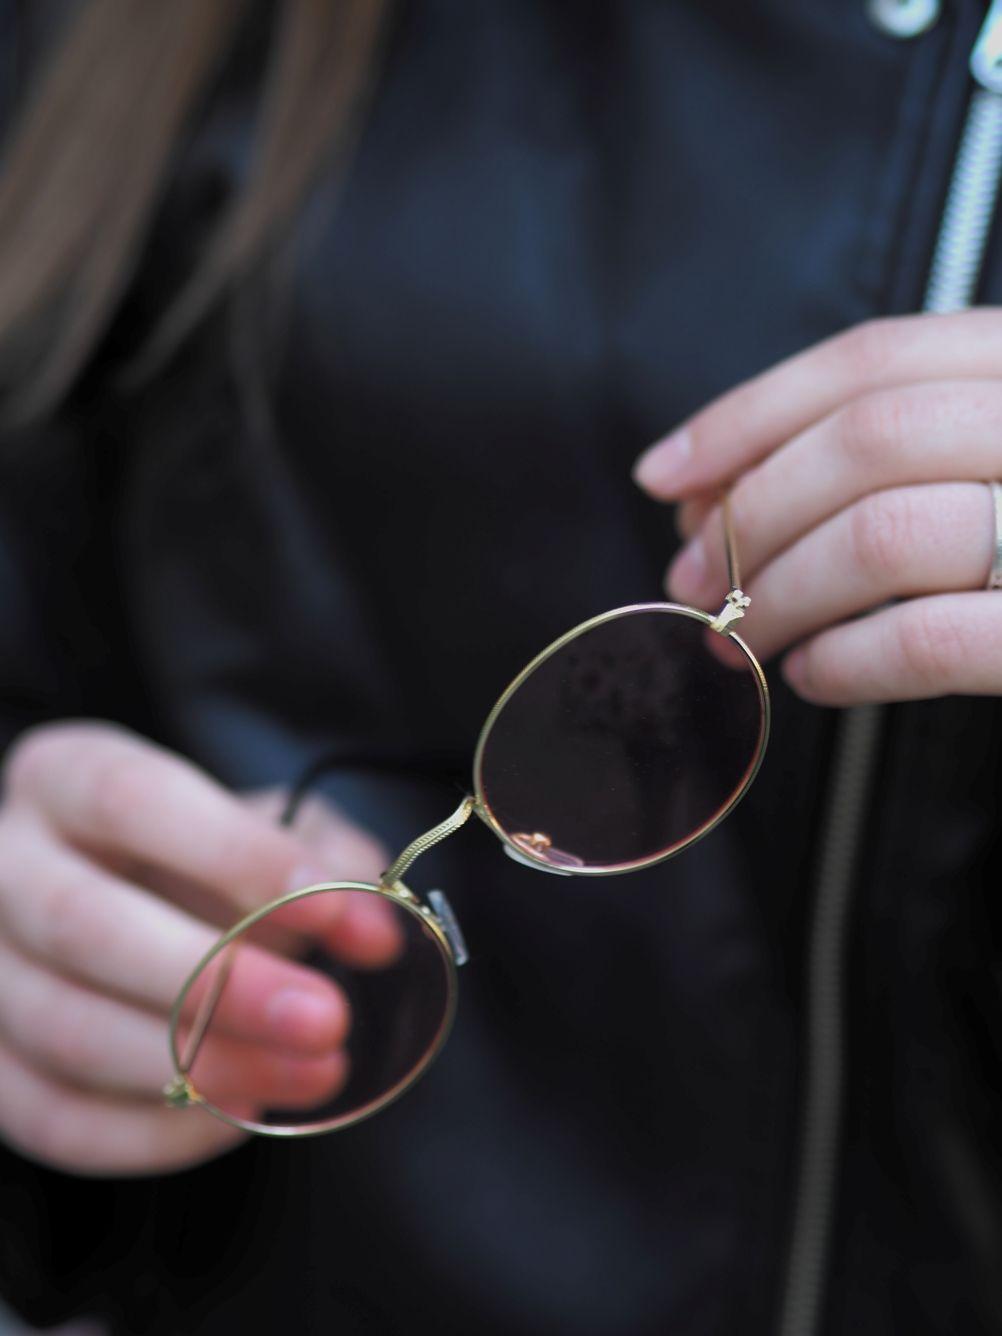 Очки Девушка очки кожанка